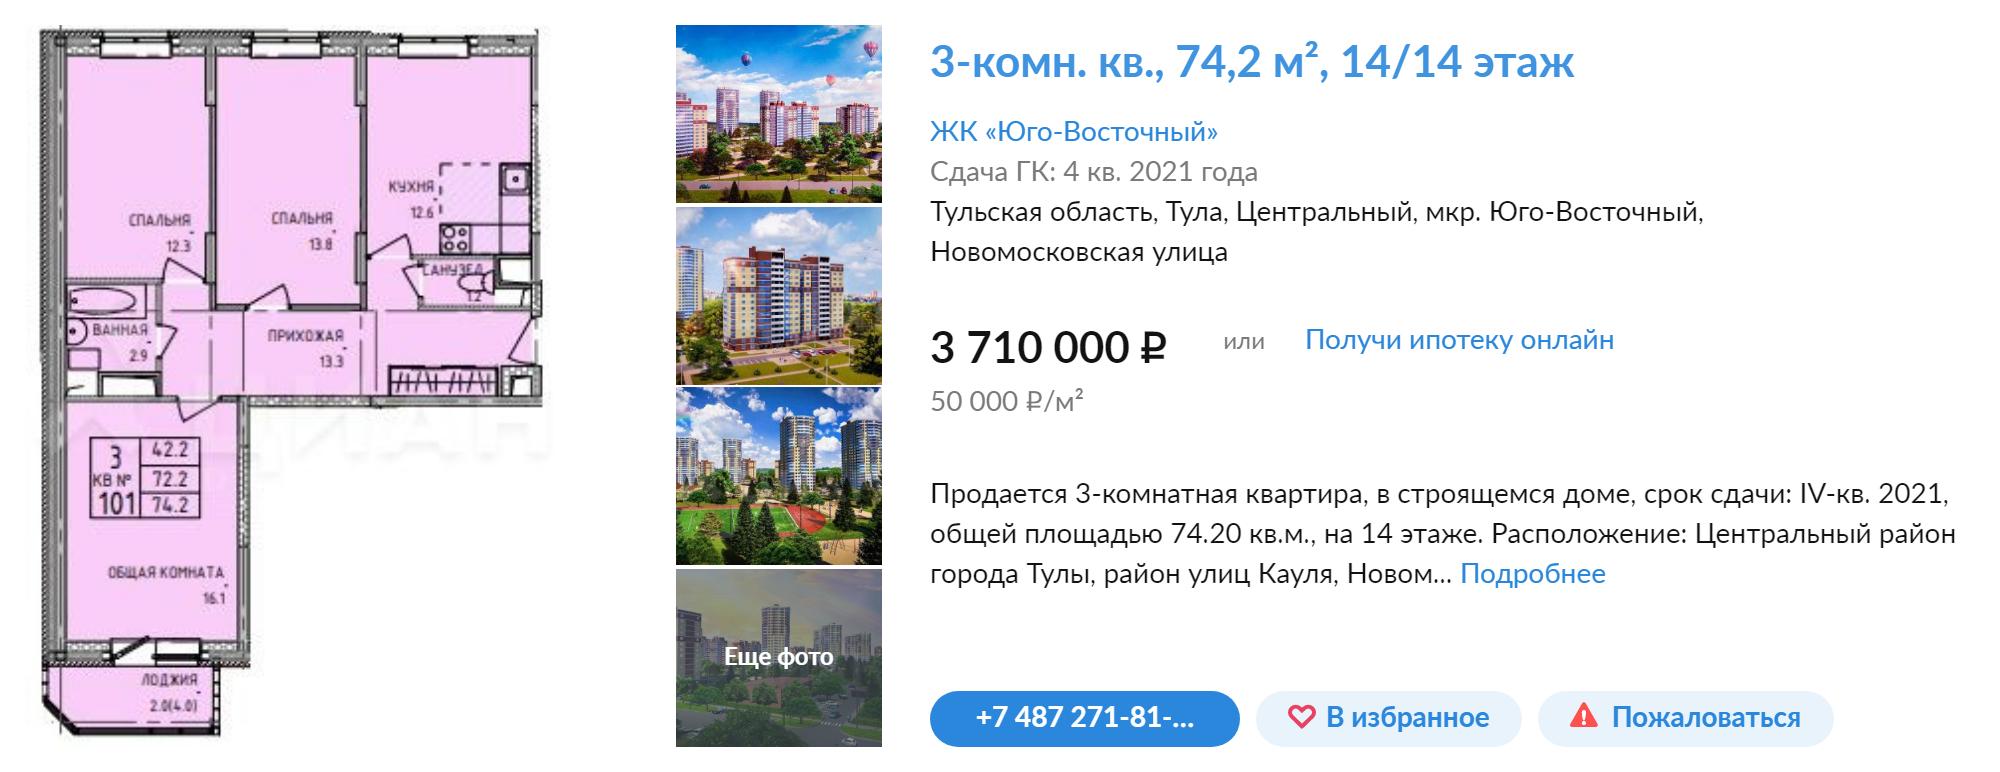 Жилье экономкласса в строящемся доме стоит чуть больше 3,7 млн рублей, до центра от этой новостройки ехать минут 10 безпробок